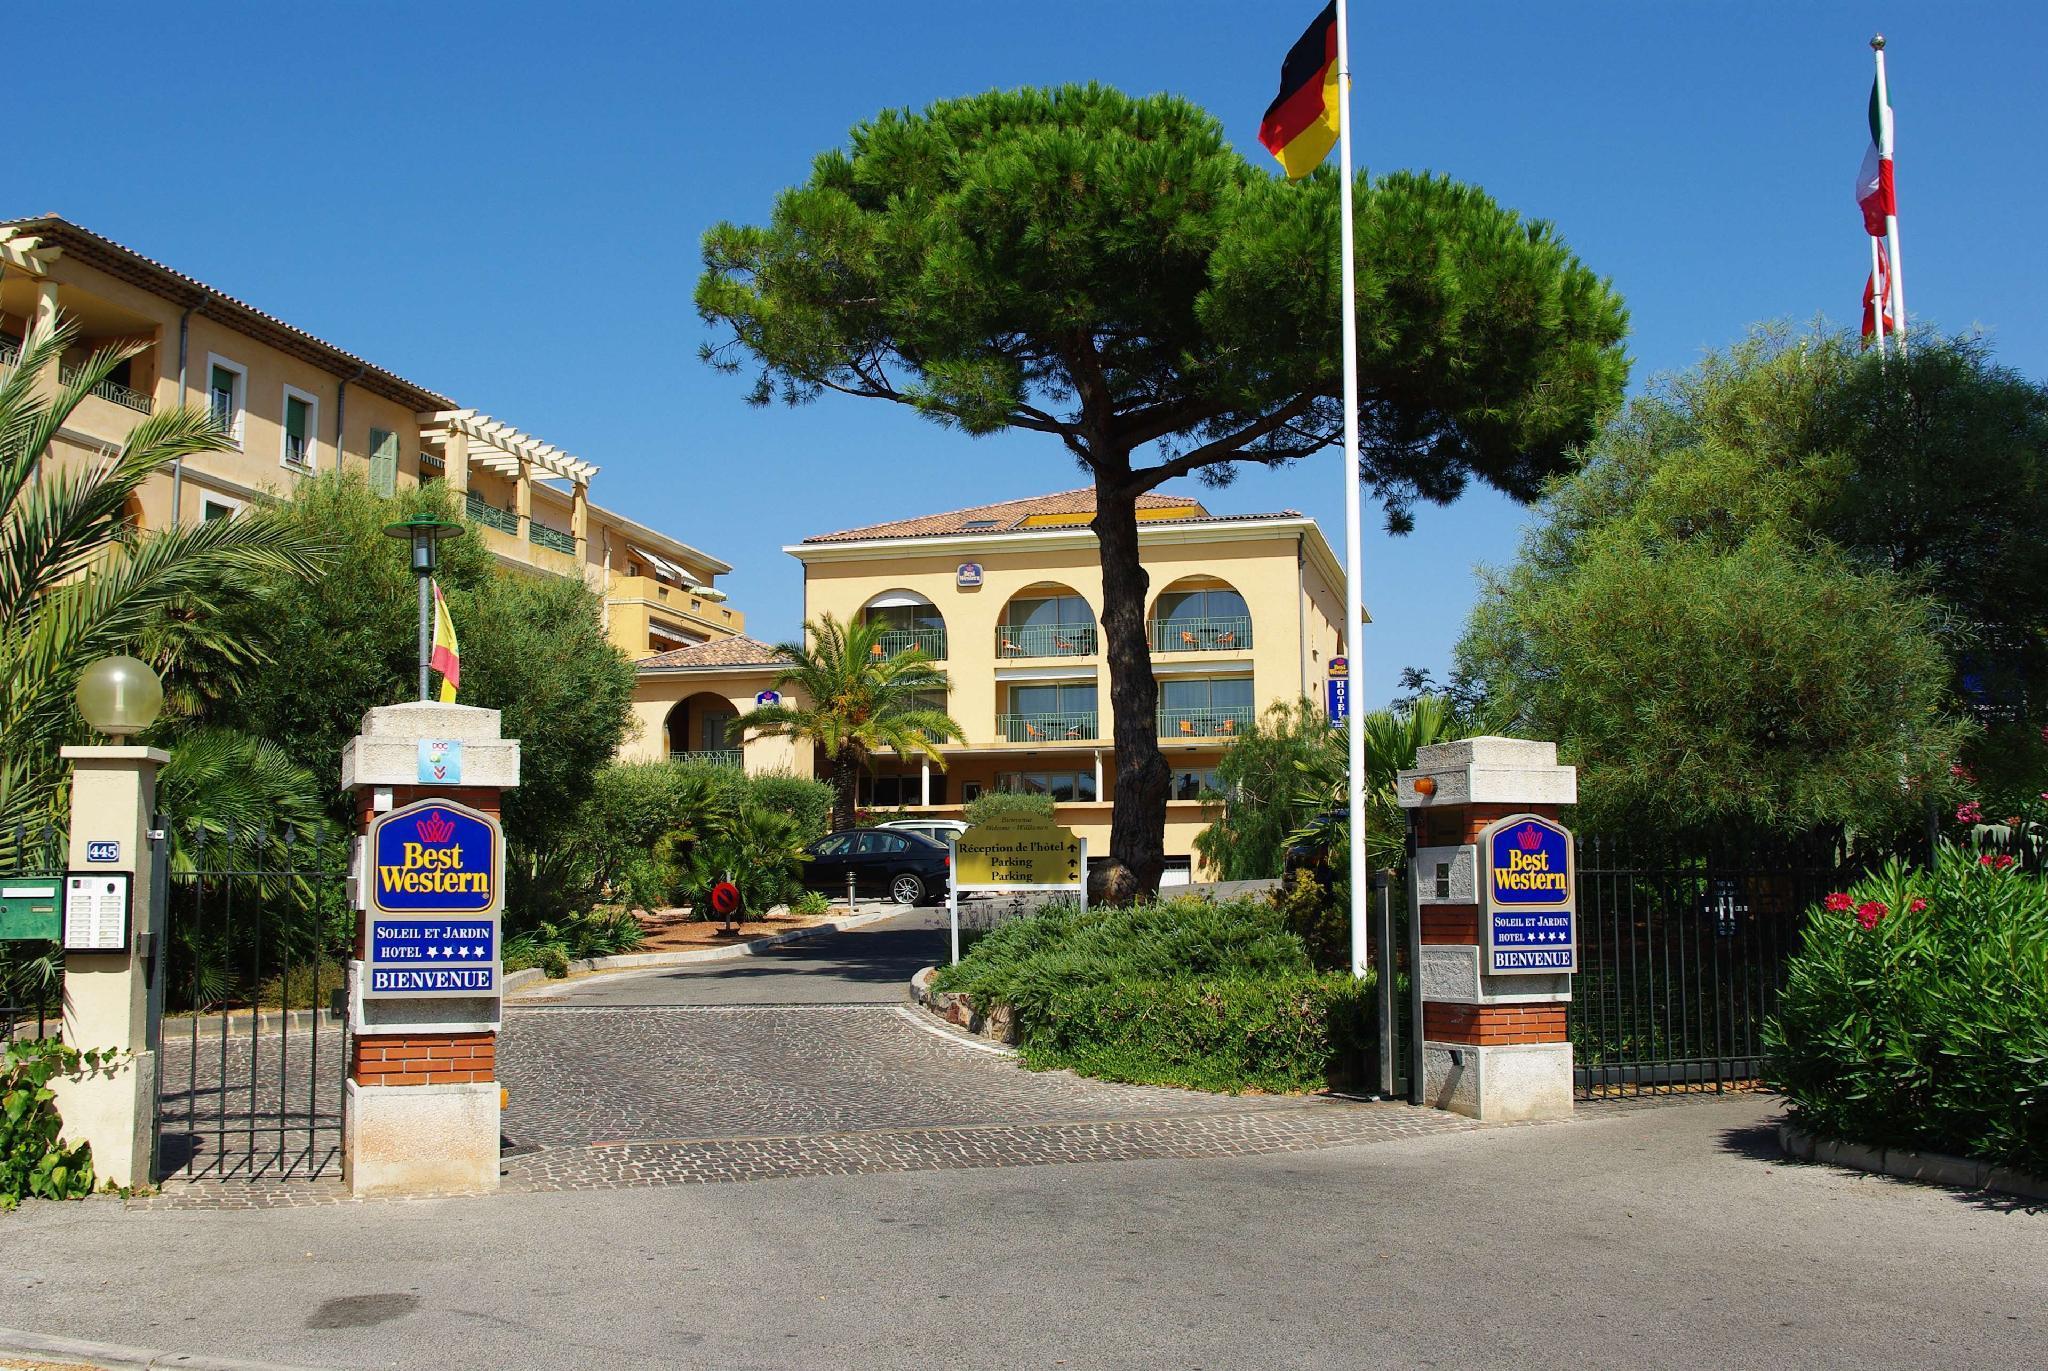 Best Western Hotel Soleil Et Jardin